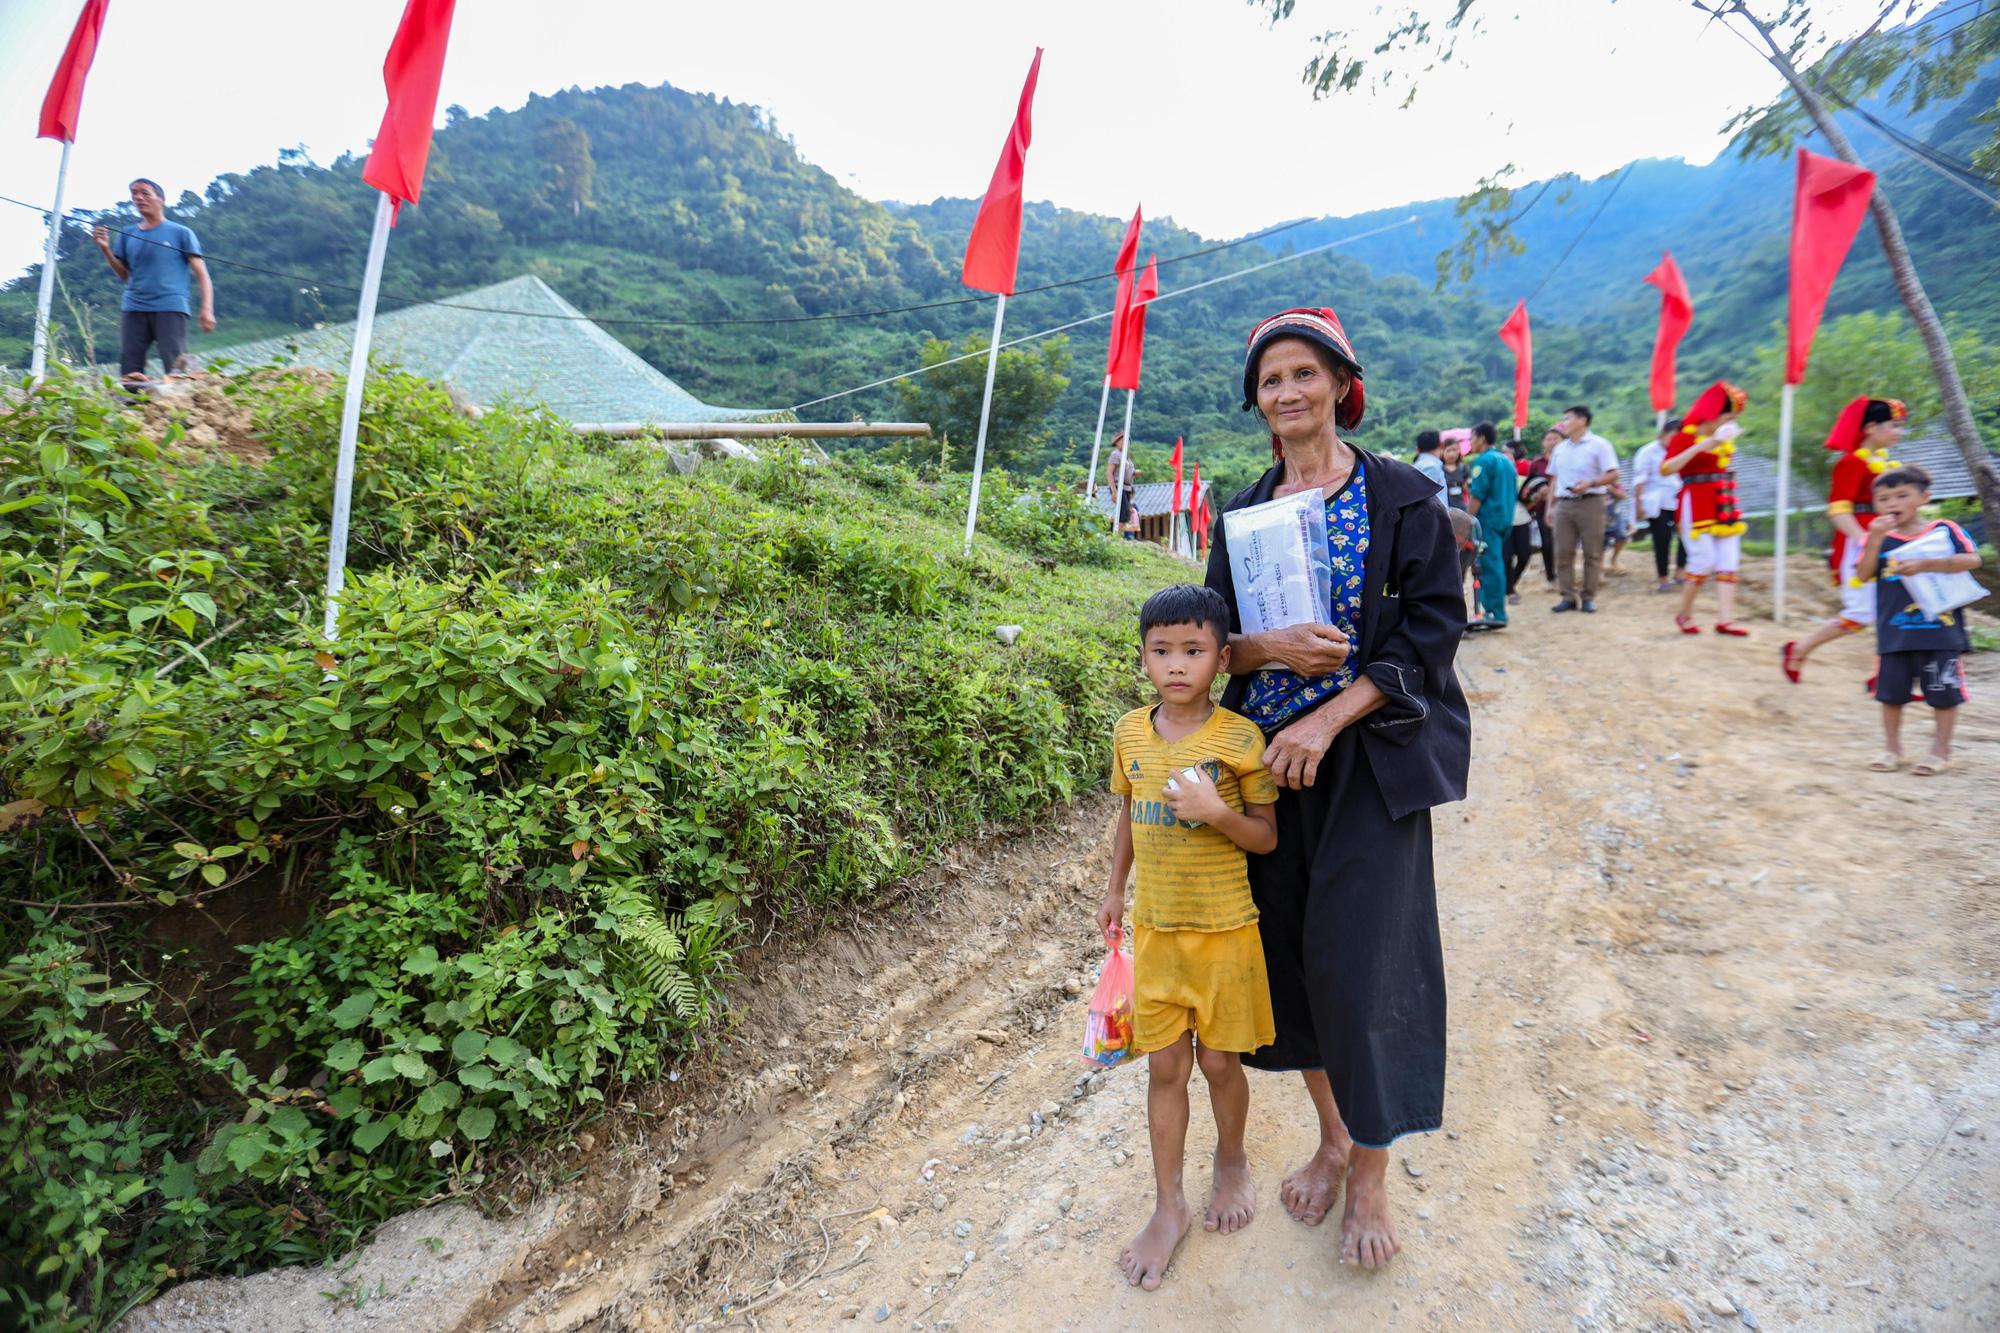 """Báo NTNN/Dân Việt - Quỹ Thiện Tâm: Khánh thành """"điểm trường mơ ước"""" đầu tiên tại Hà Giang - Ảnh 12."""